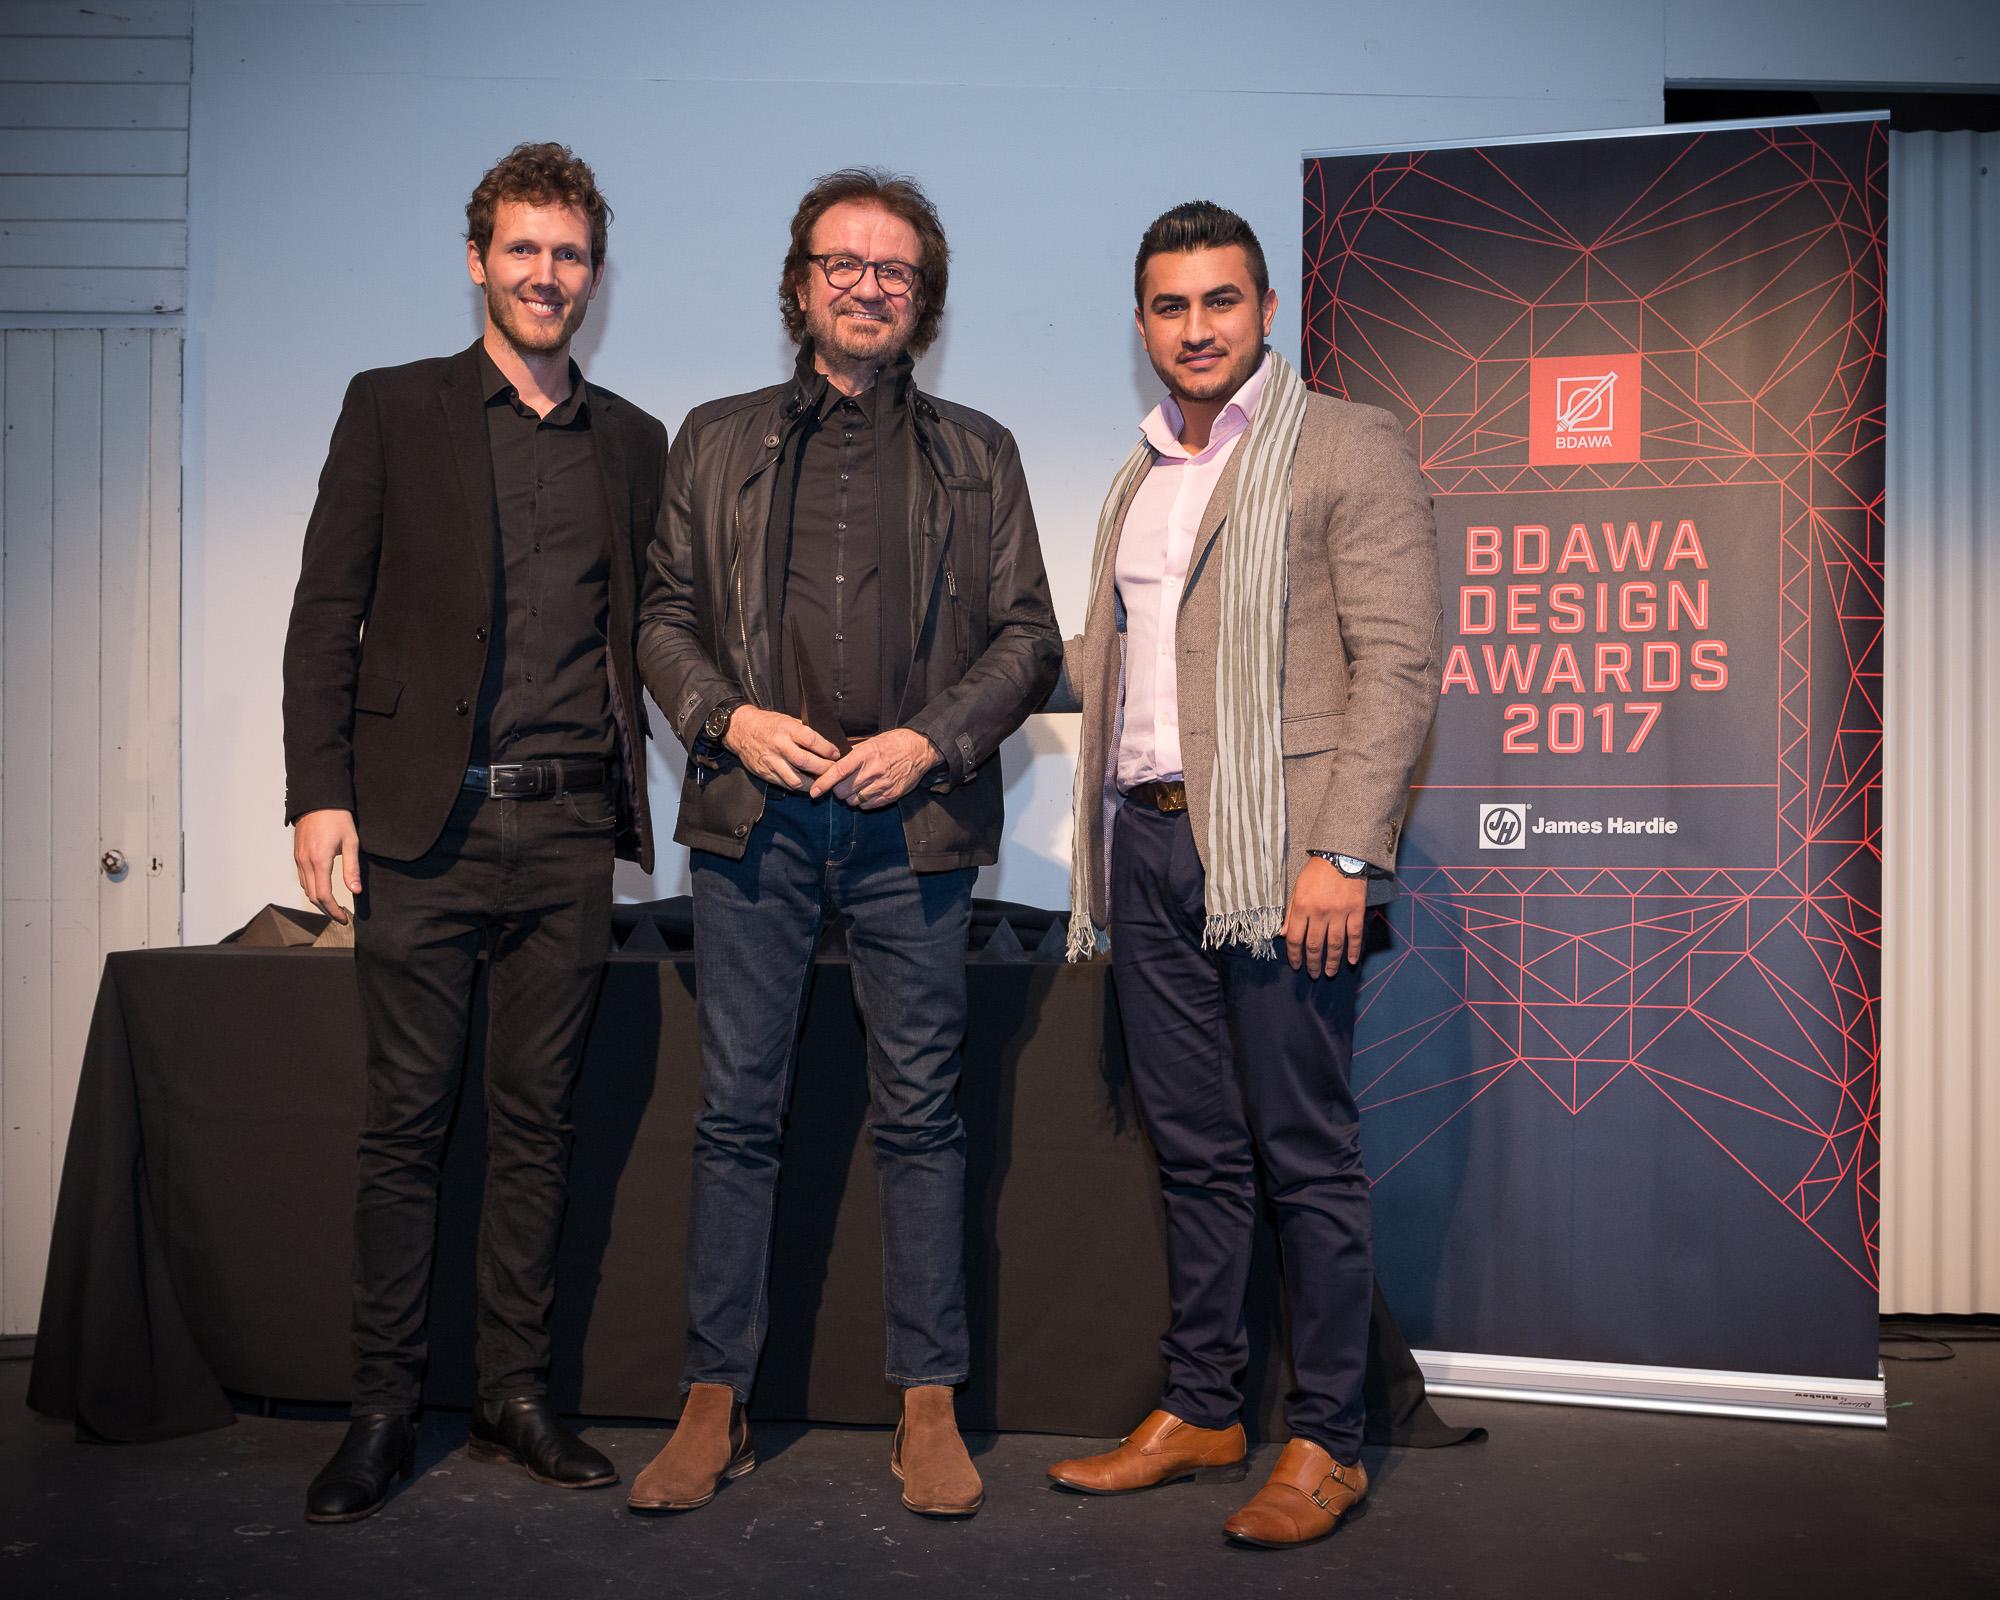 0167 BDA WA Awards 2017 _JHG7432.jpg